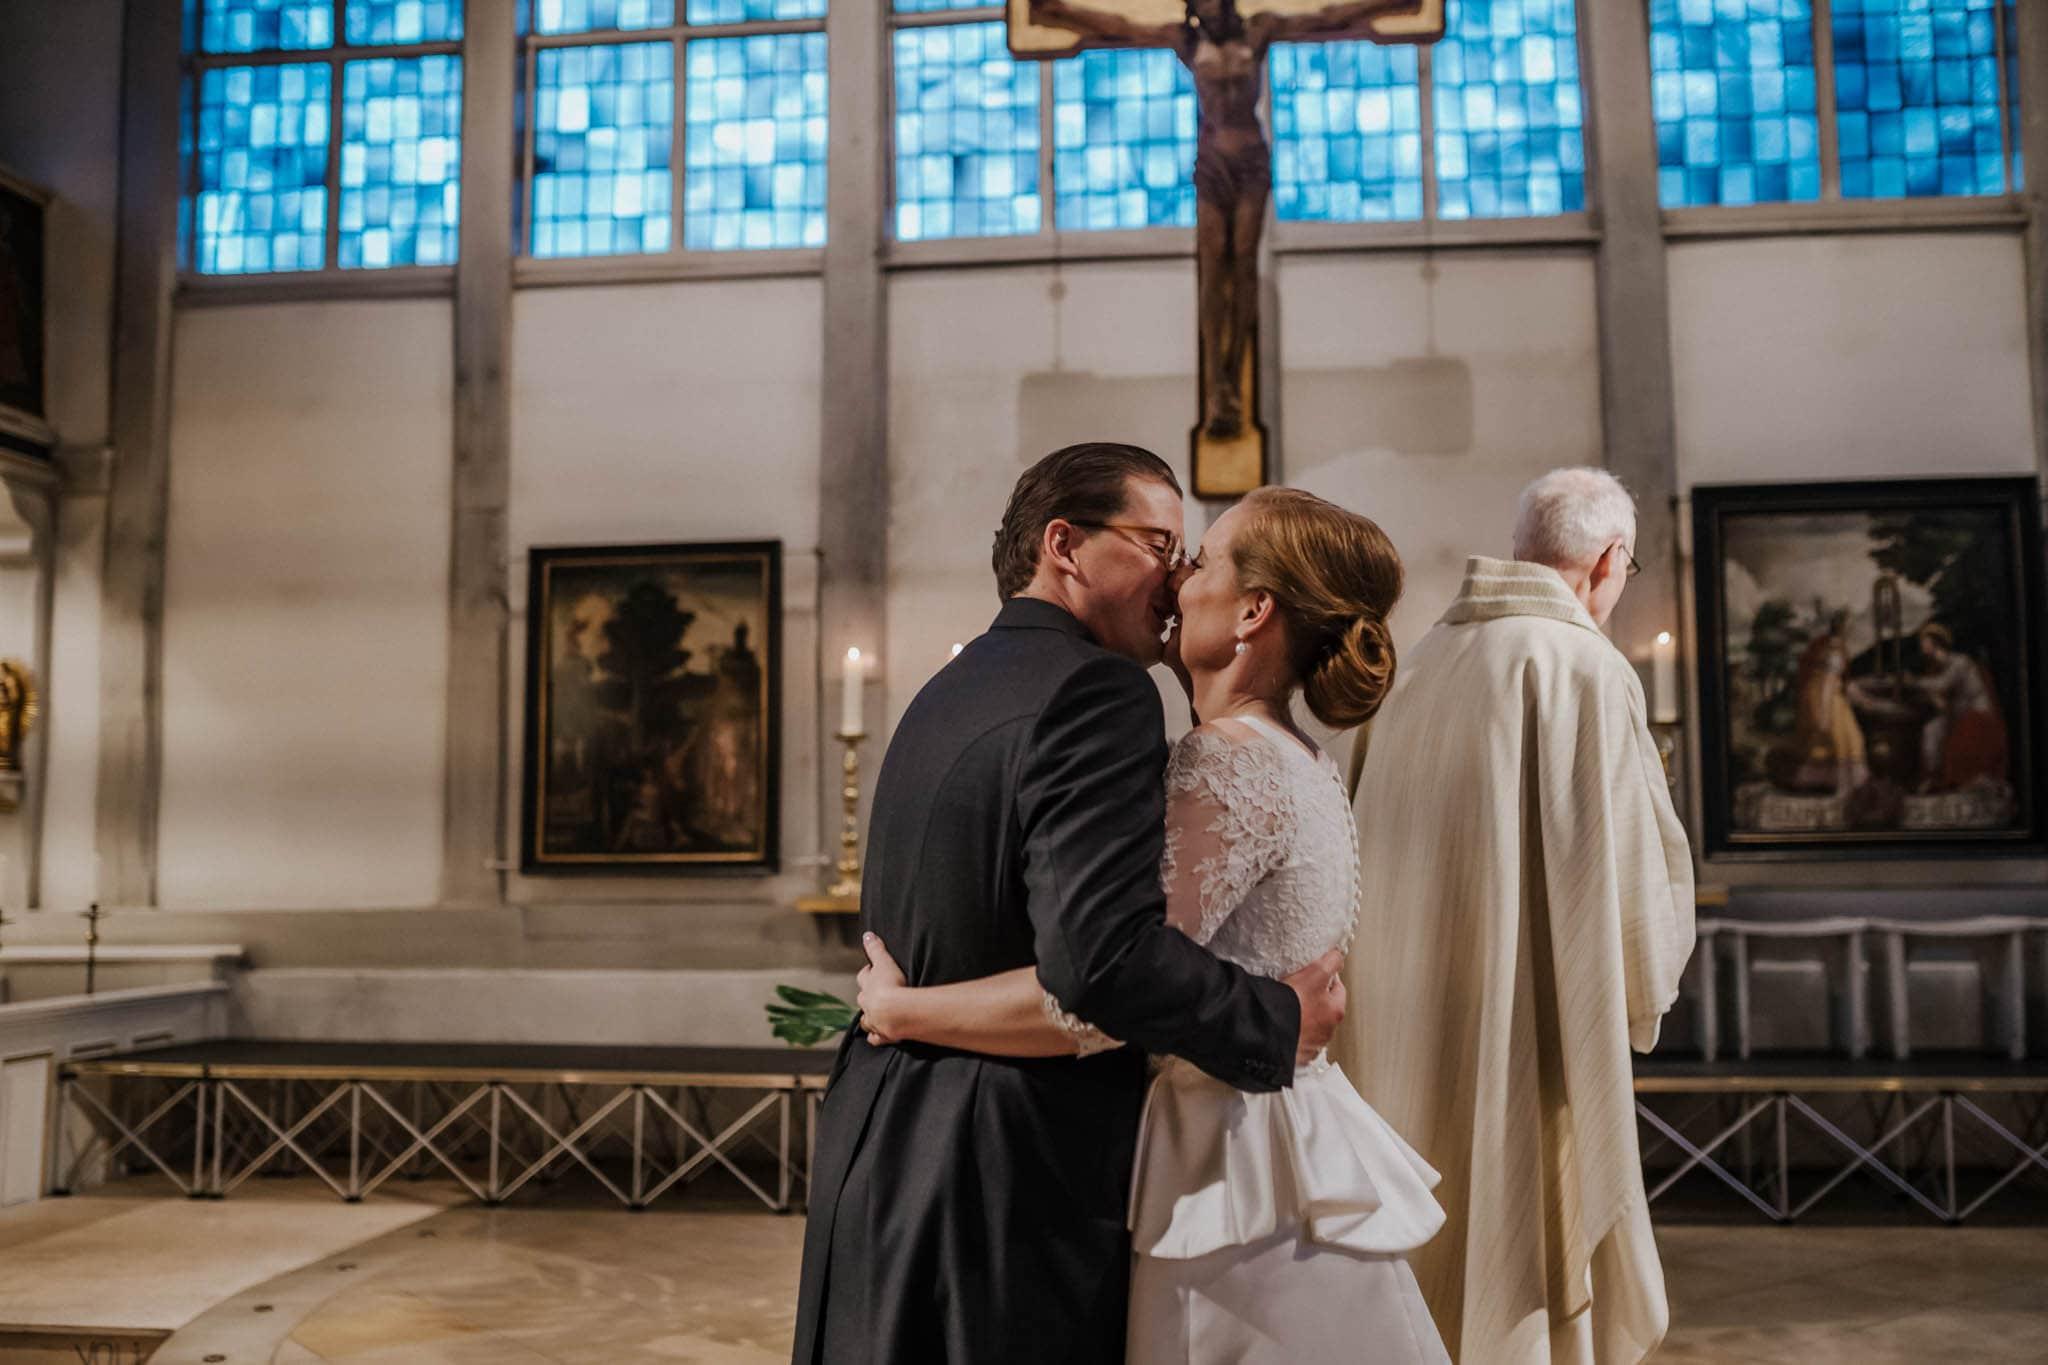 Hochzeitsfieber by Photo-Schomburg, Hochzeitsfotograf, Hamburg,Hochzeitstag, Hochzeitspaar, Braut, Bräutigam, Literaturhauscafe Hamburg-35